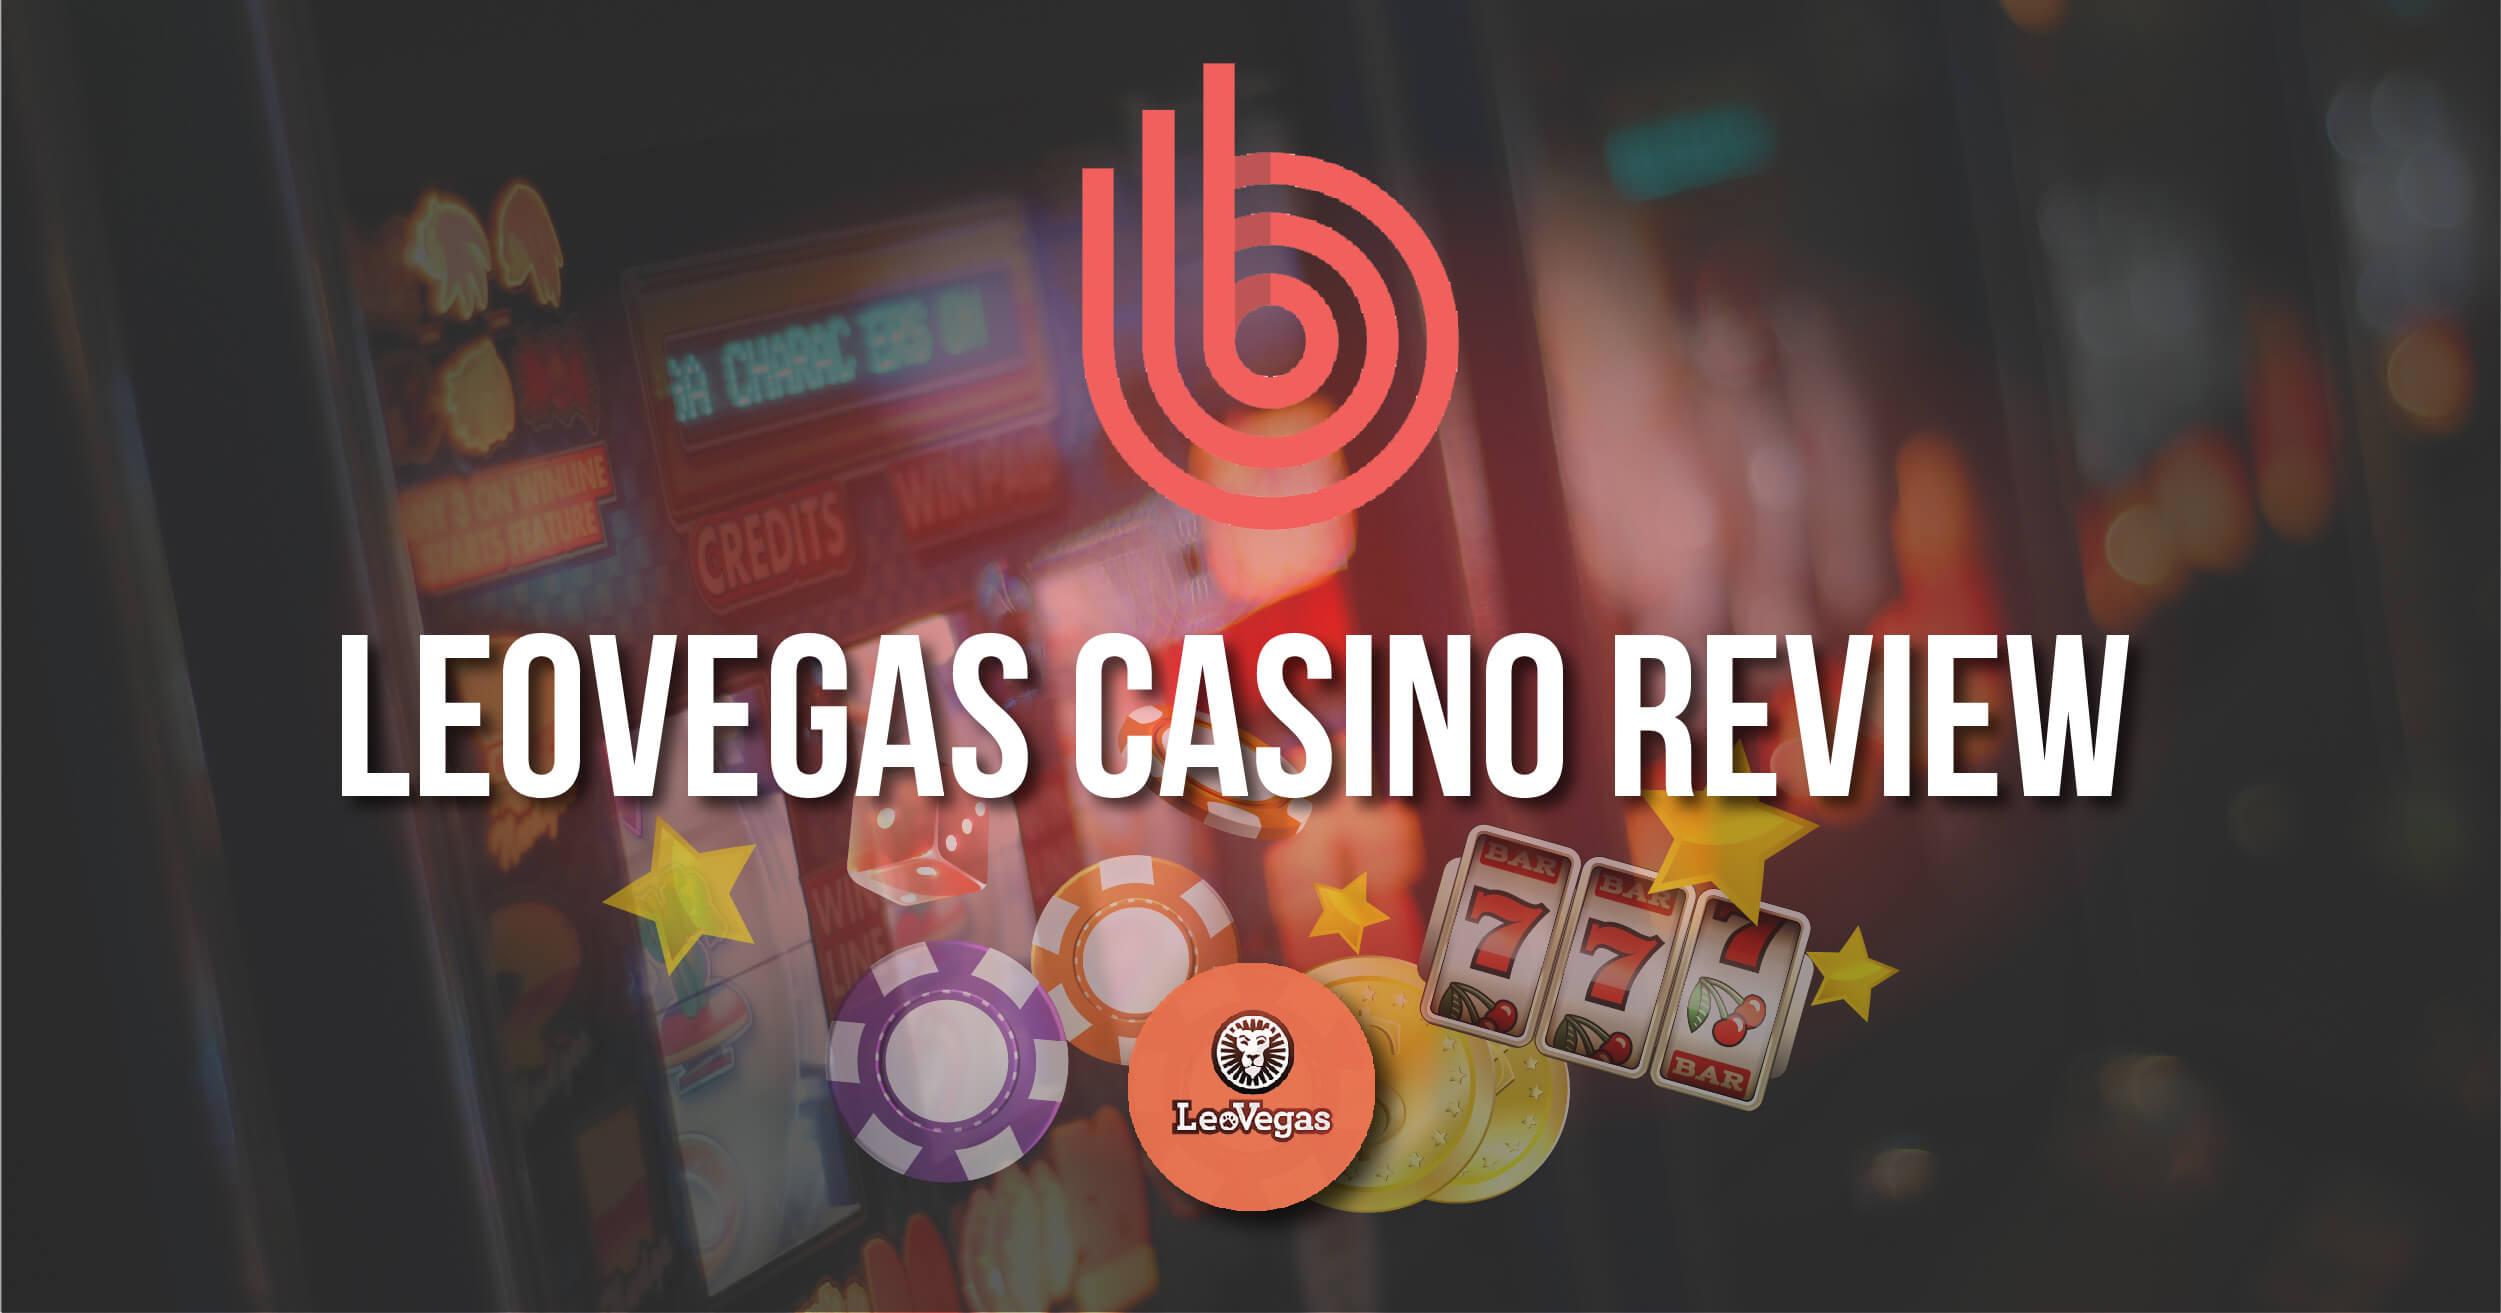 Leovegas Casino Review